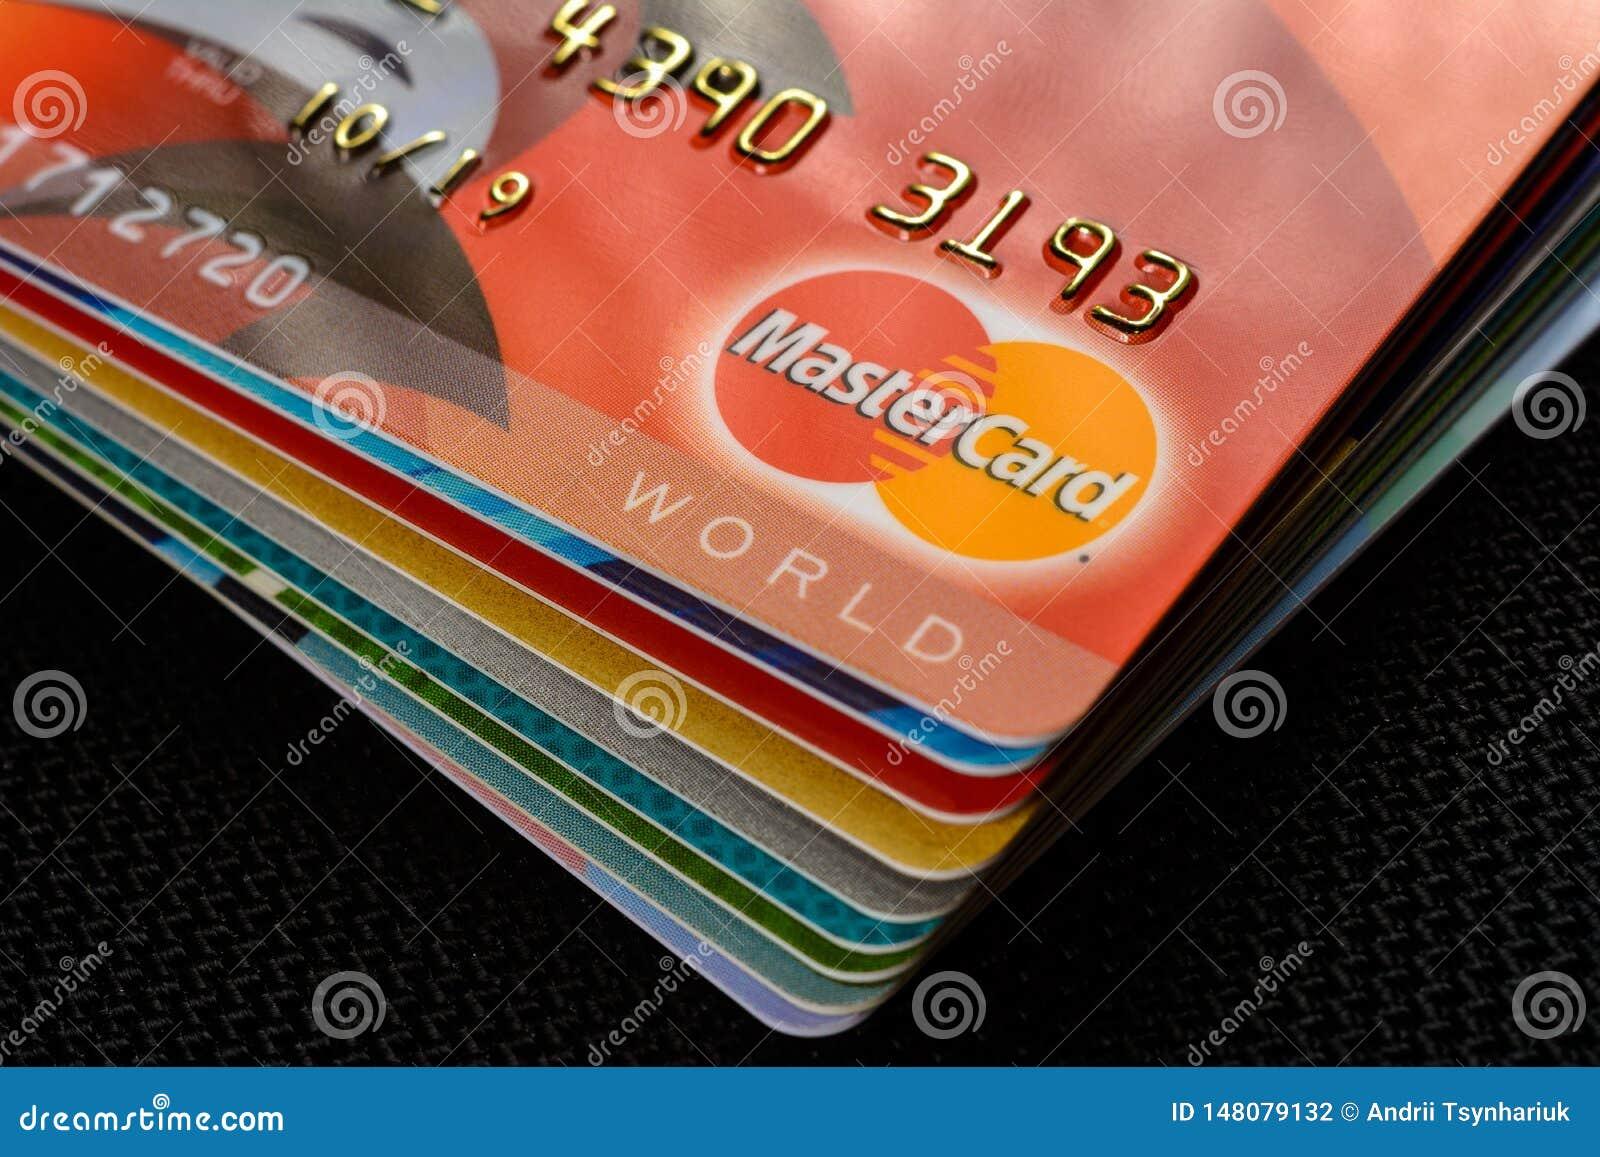 Быстрый кредит на карточку украина